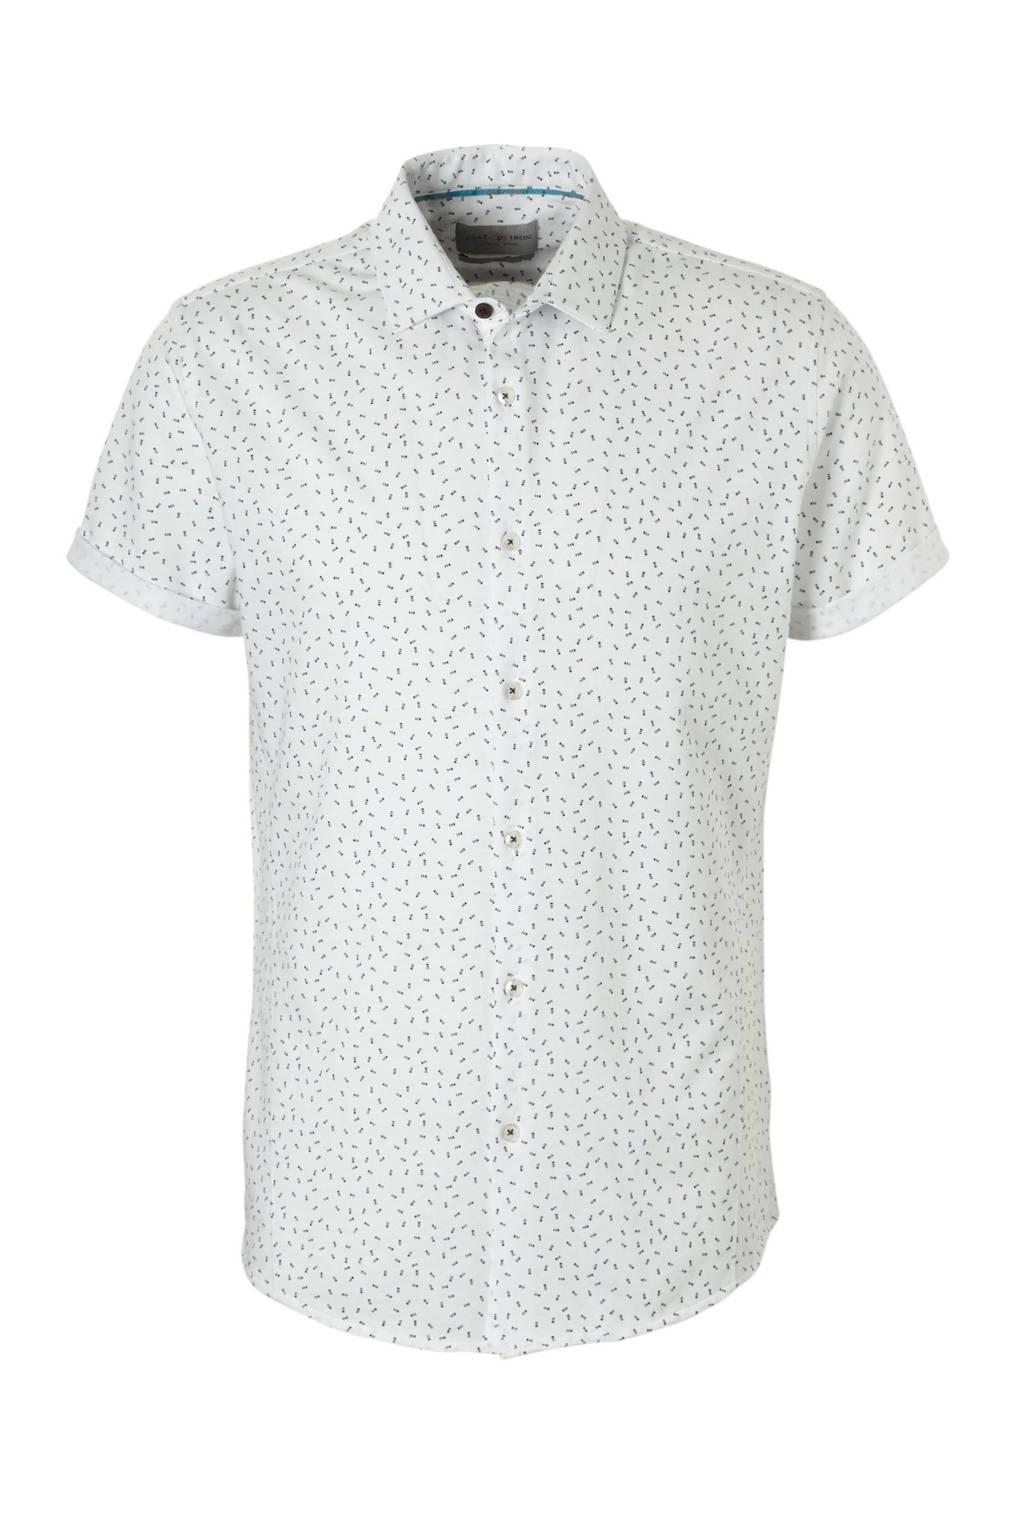 Cast Iron overhemd alloverprint wit, wit/ zwart